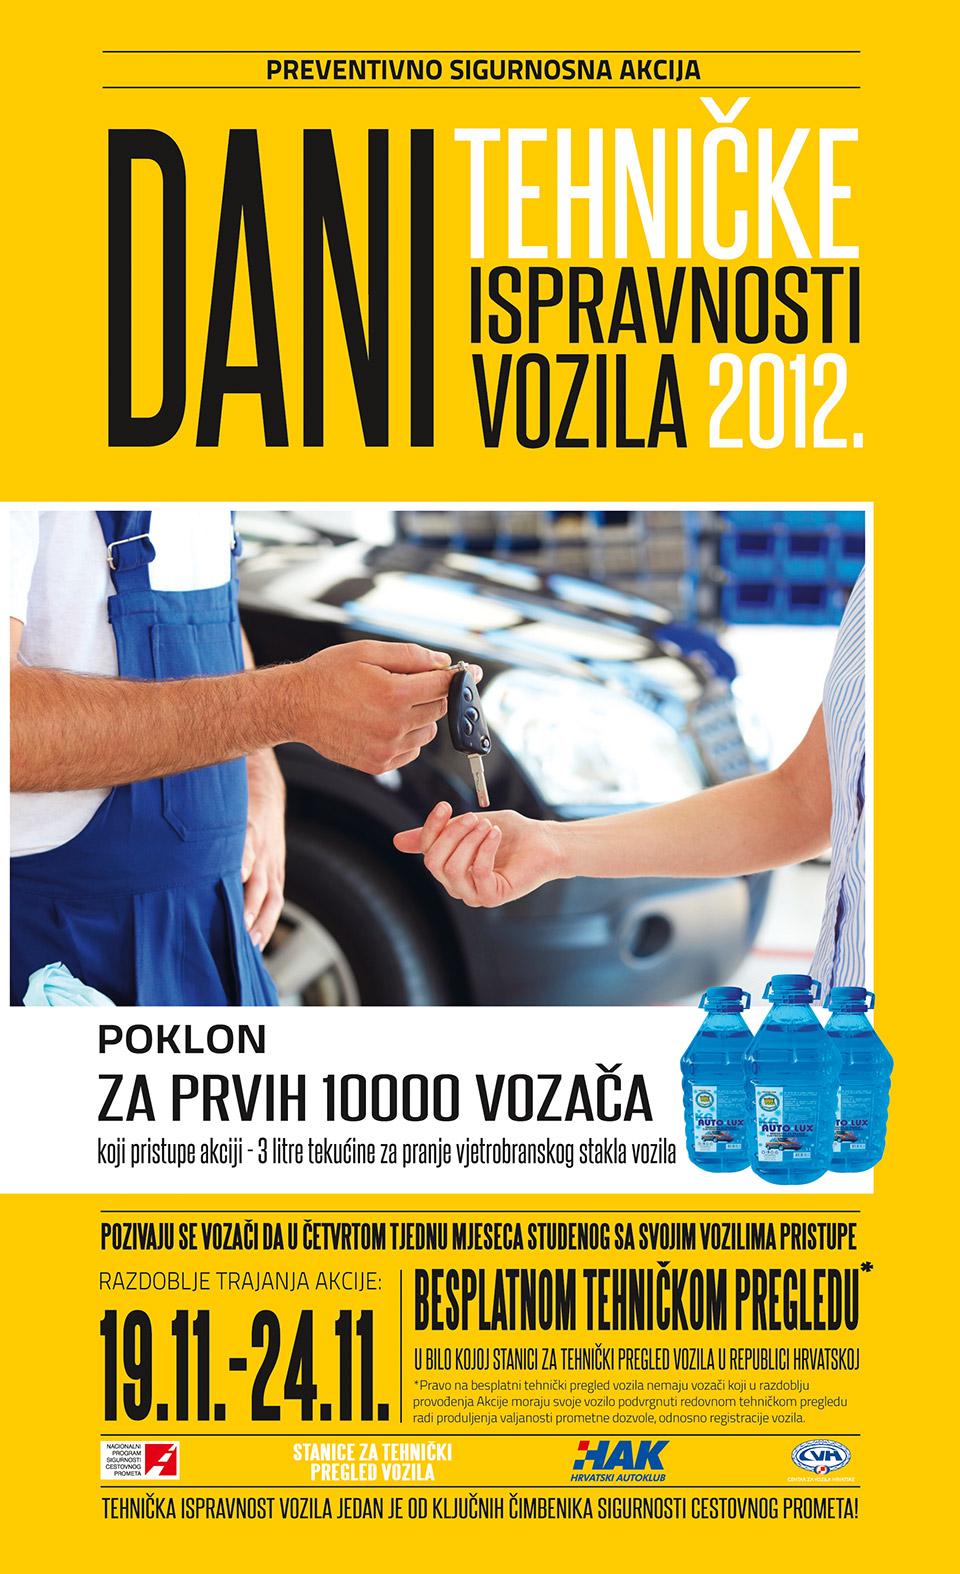 Dani tehničke ispravnosti vozila 2012.